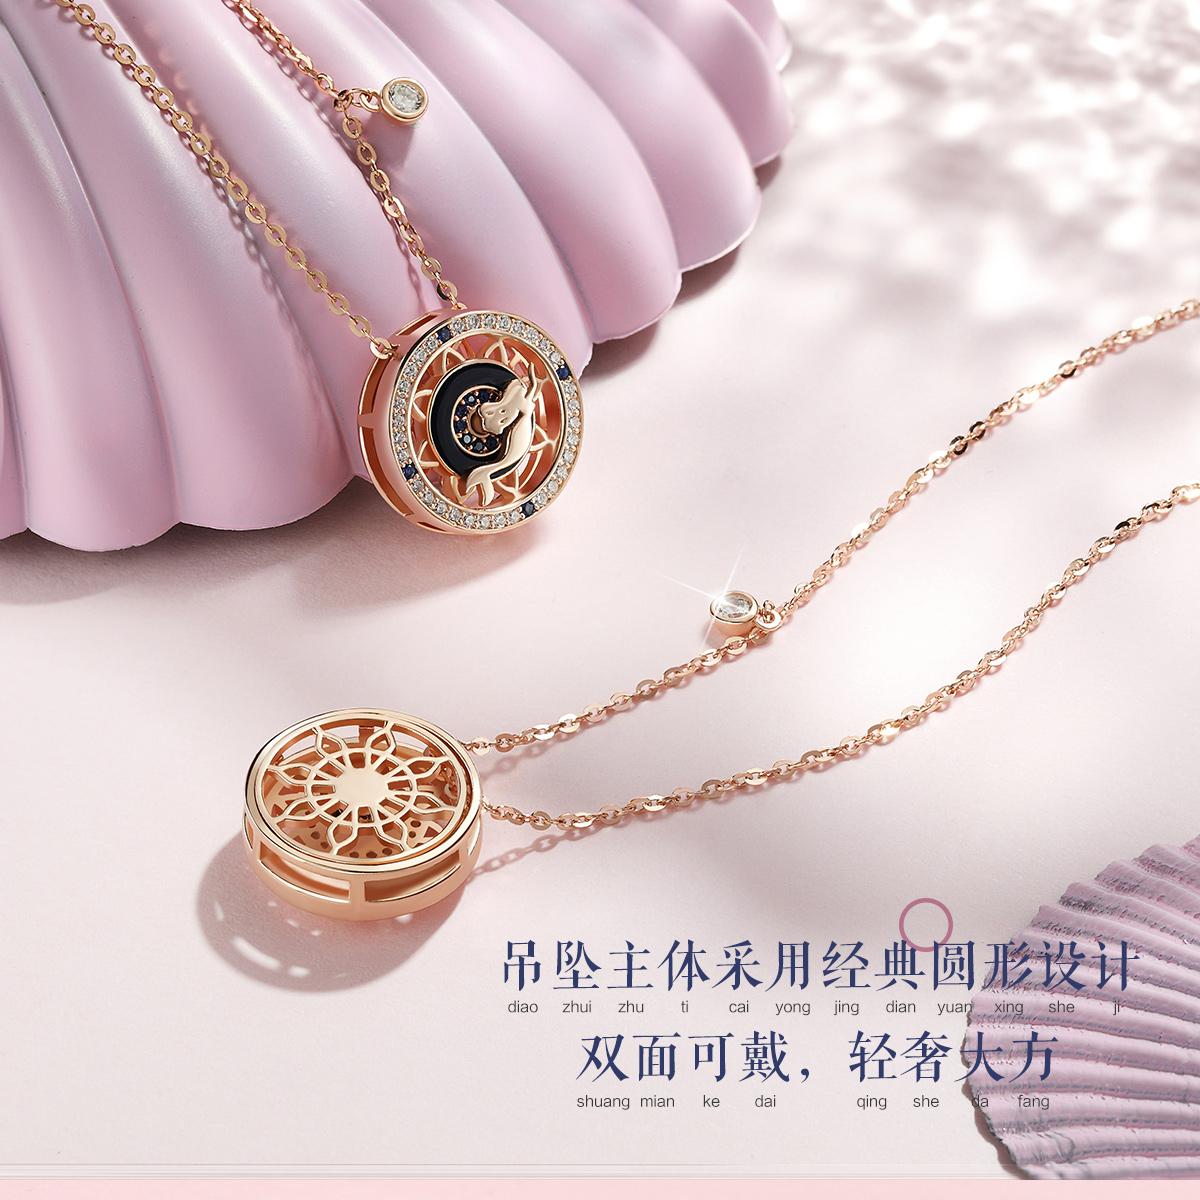 银项链女纯银镶施华洛世奇锆 新款玫瑰金锁骨链生日礼物送女友  2020